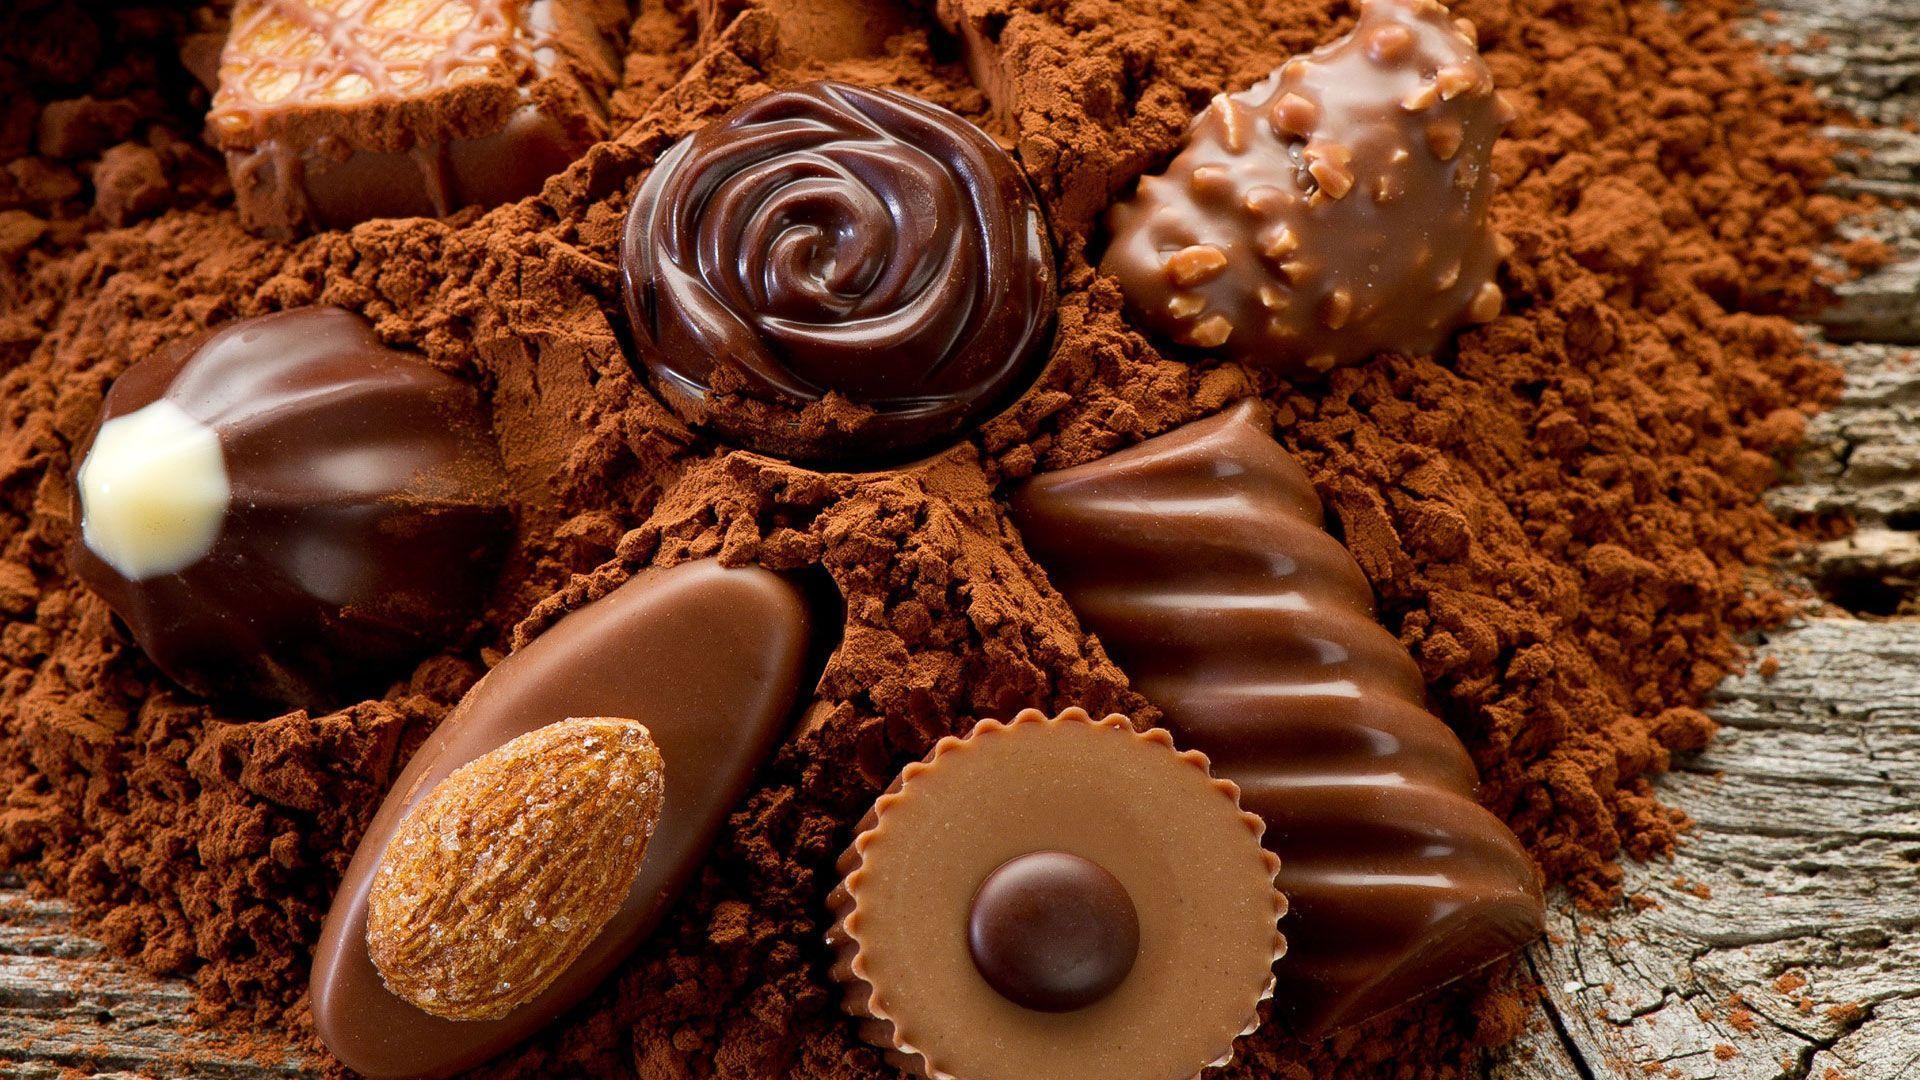 Шоколадная таблетка спасет от деменции, инфаркта и инсульта